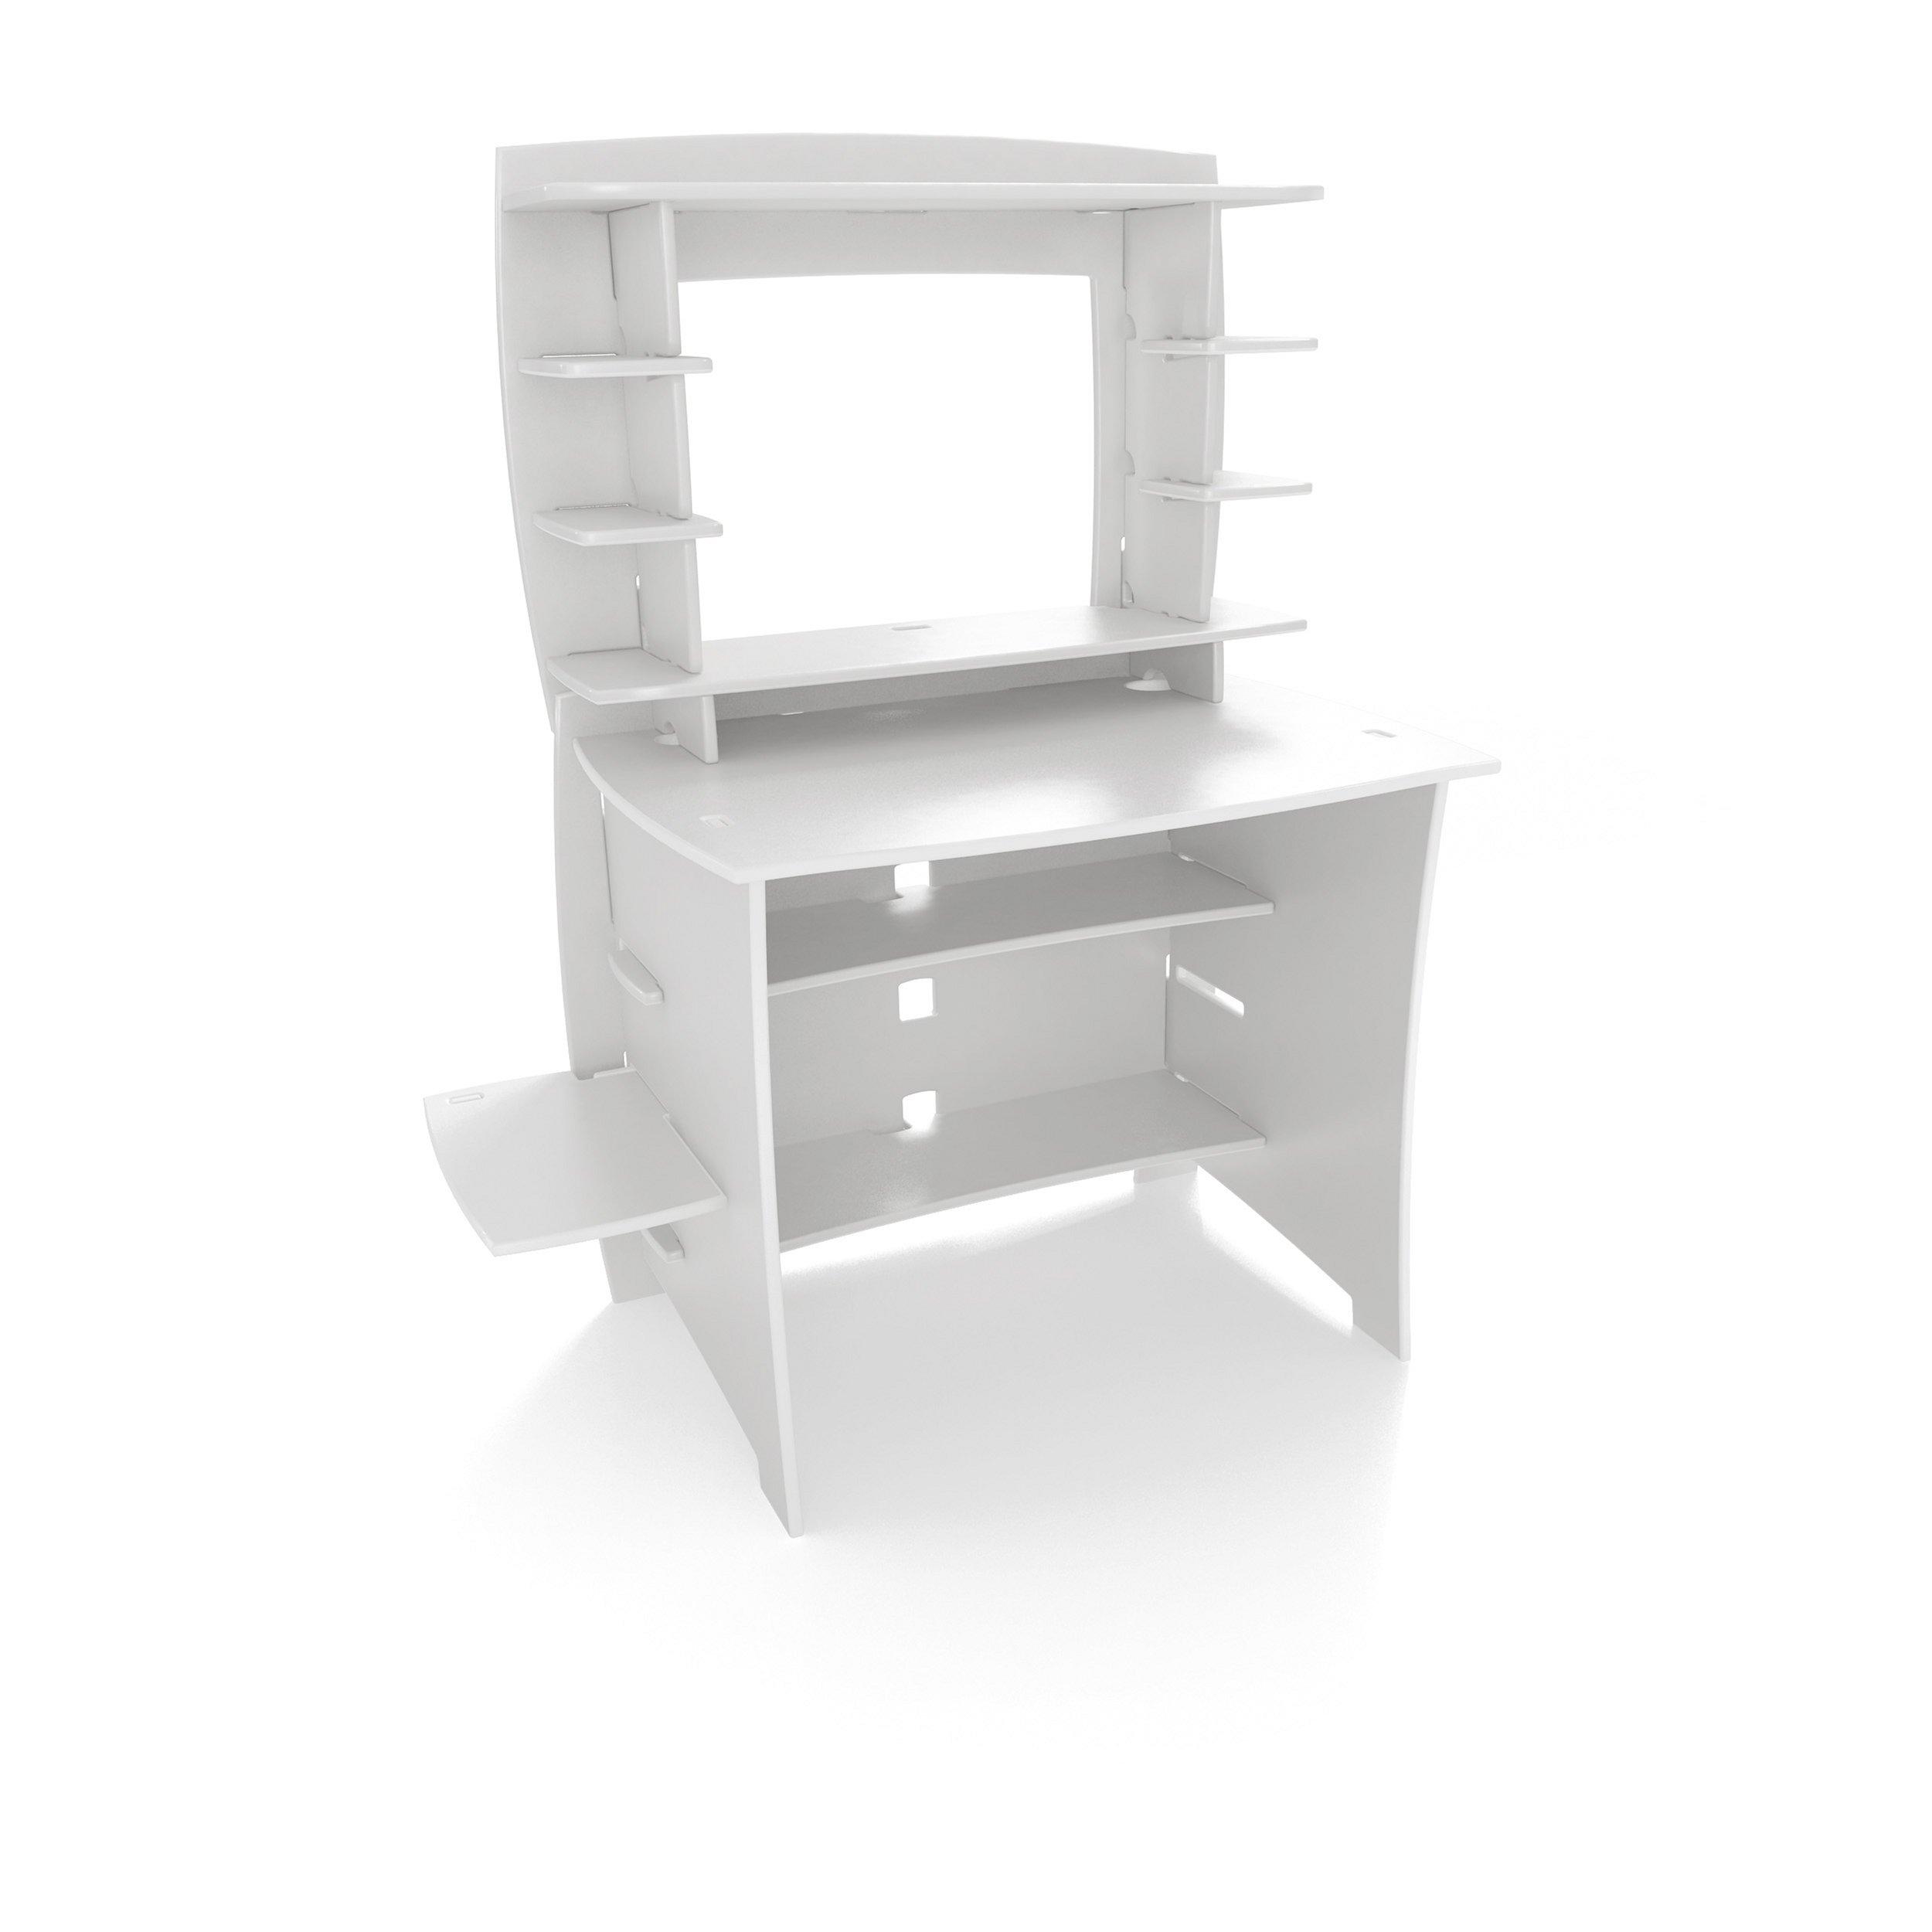 Legare 36-Inch Student Desk with Hutch, White